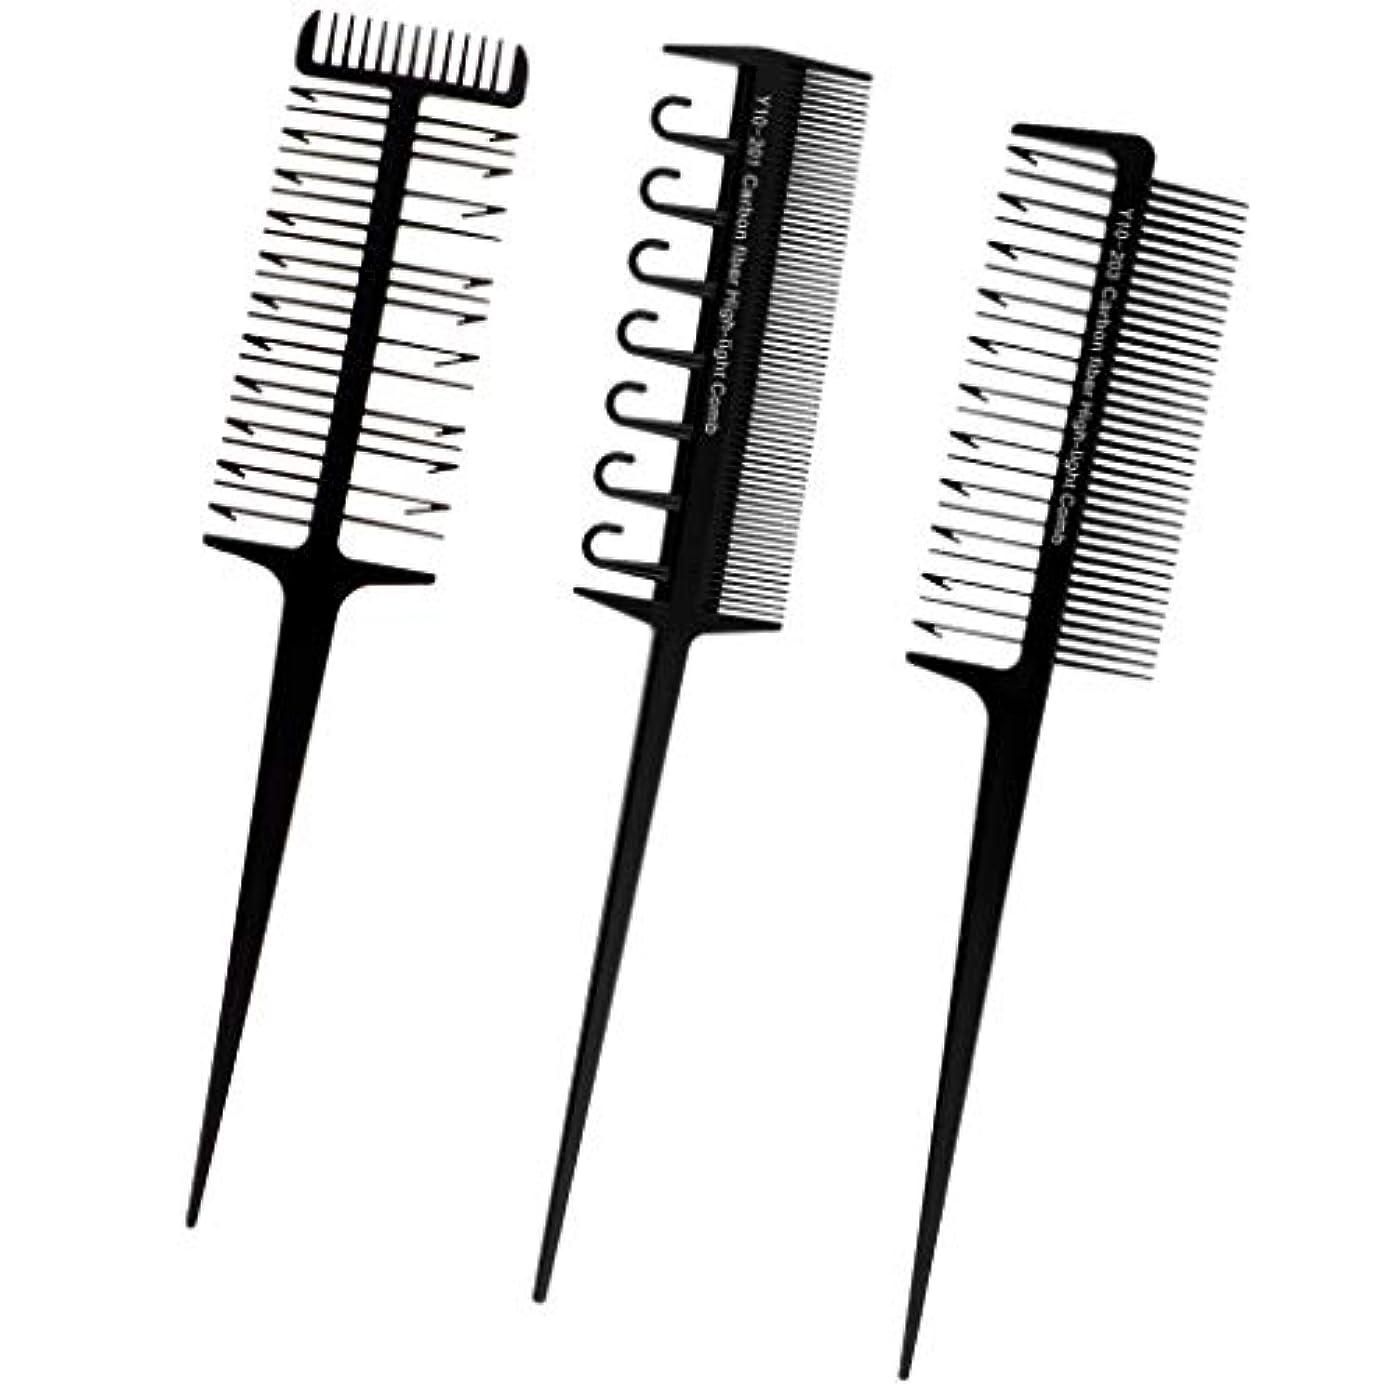 宙返りズームインするスラムT TOOYFUL へアカラーセット 3本セット ヘアダイブラシ DIY髪染め用 サロン 美髪師用 ヘアカラーの用具